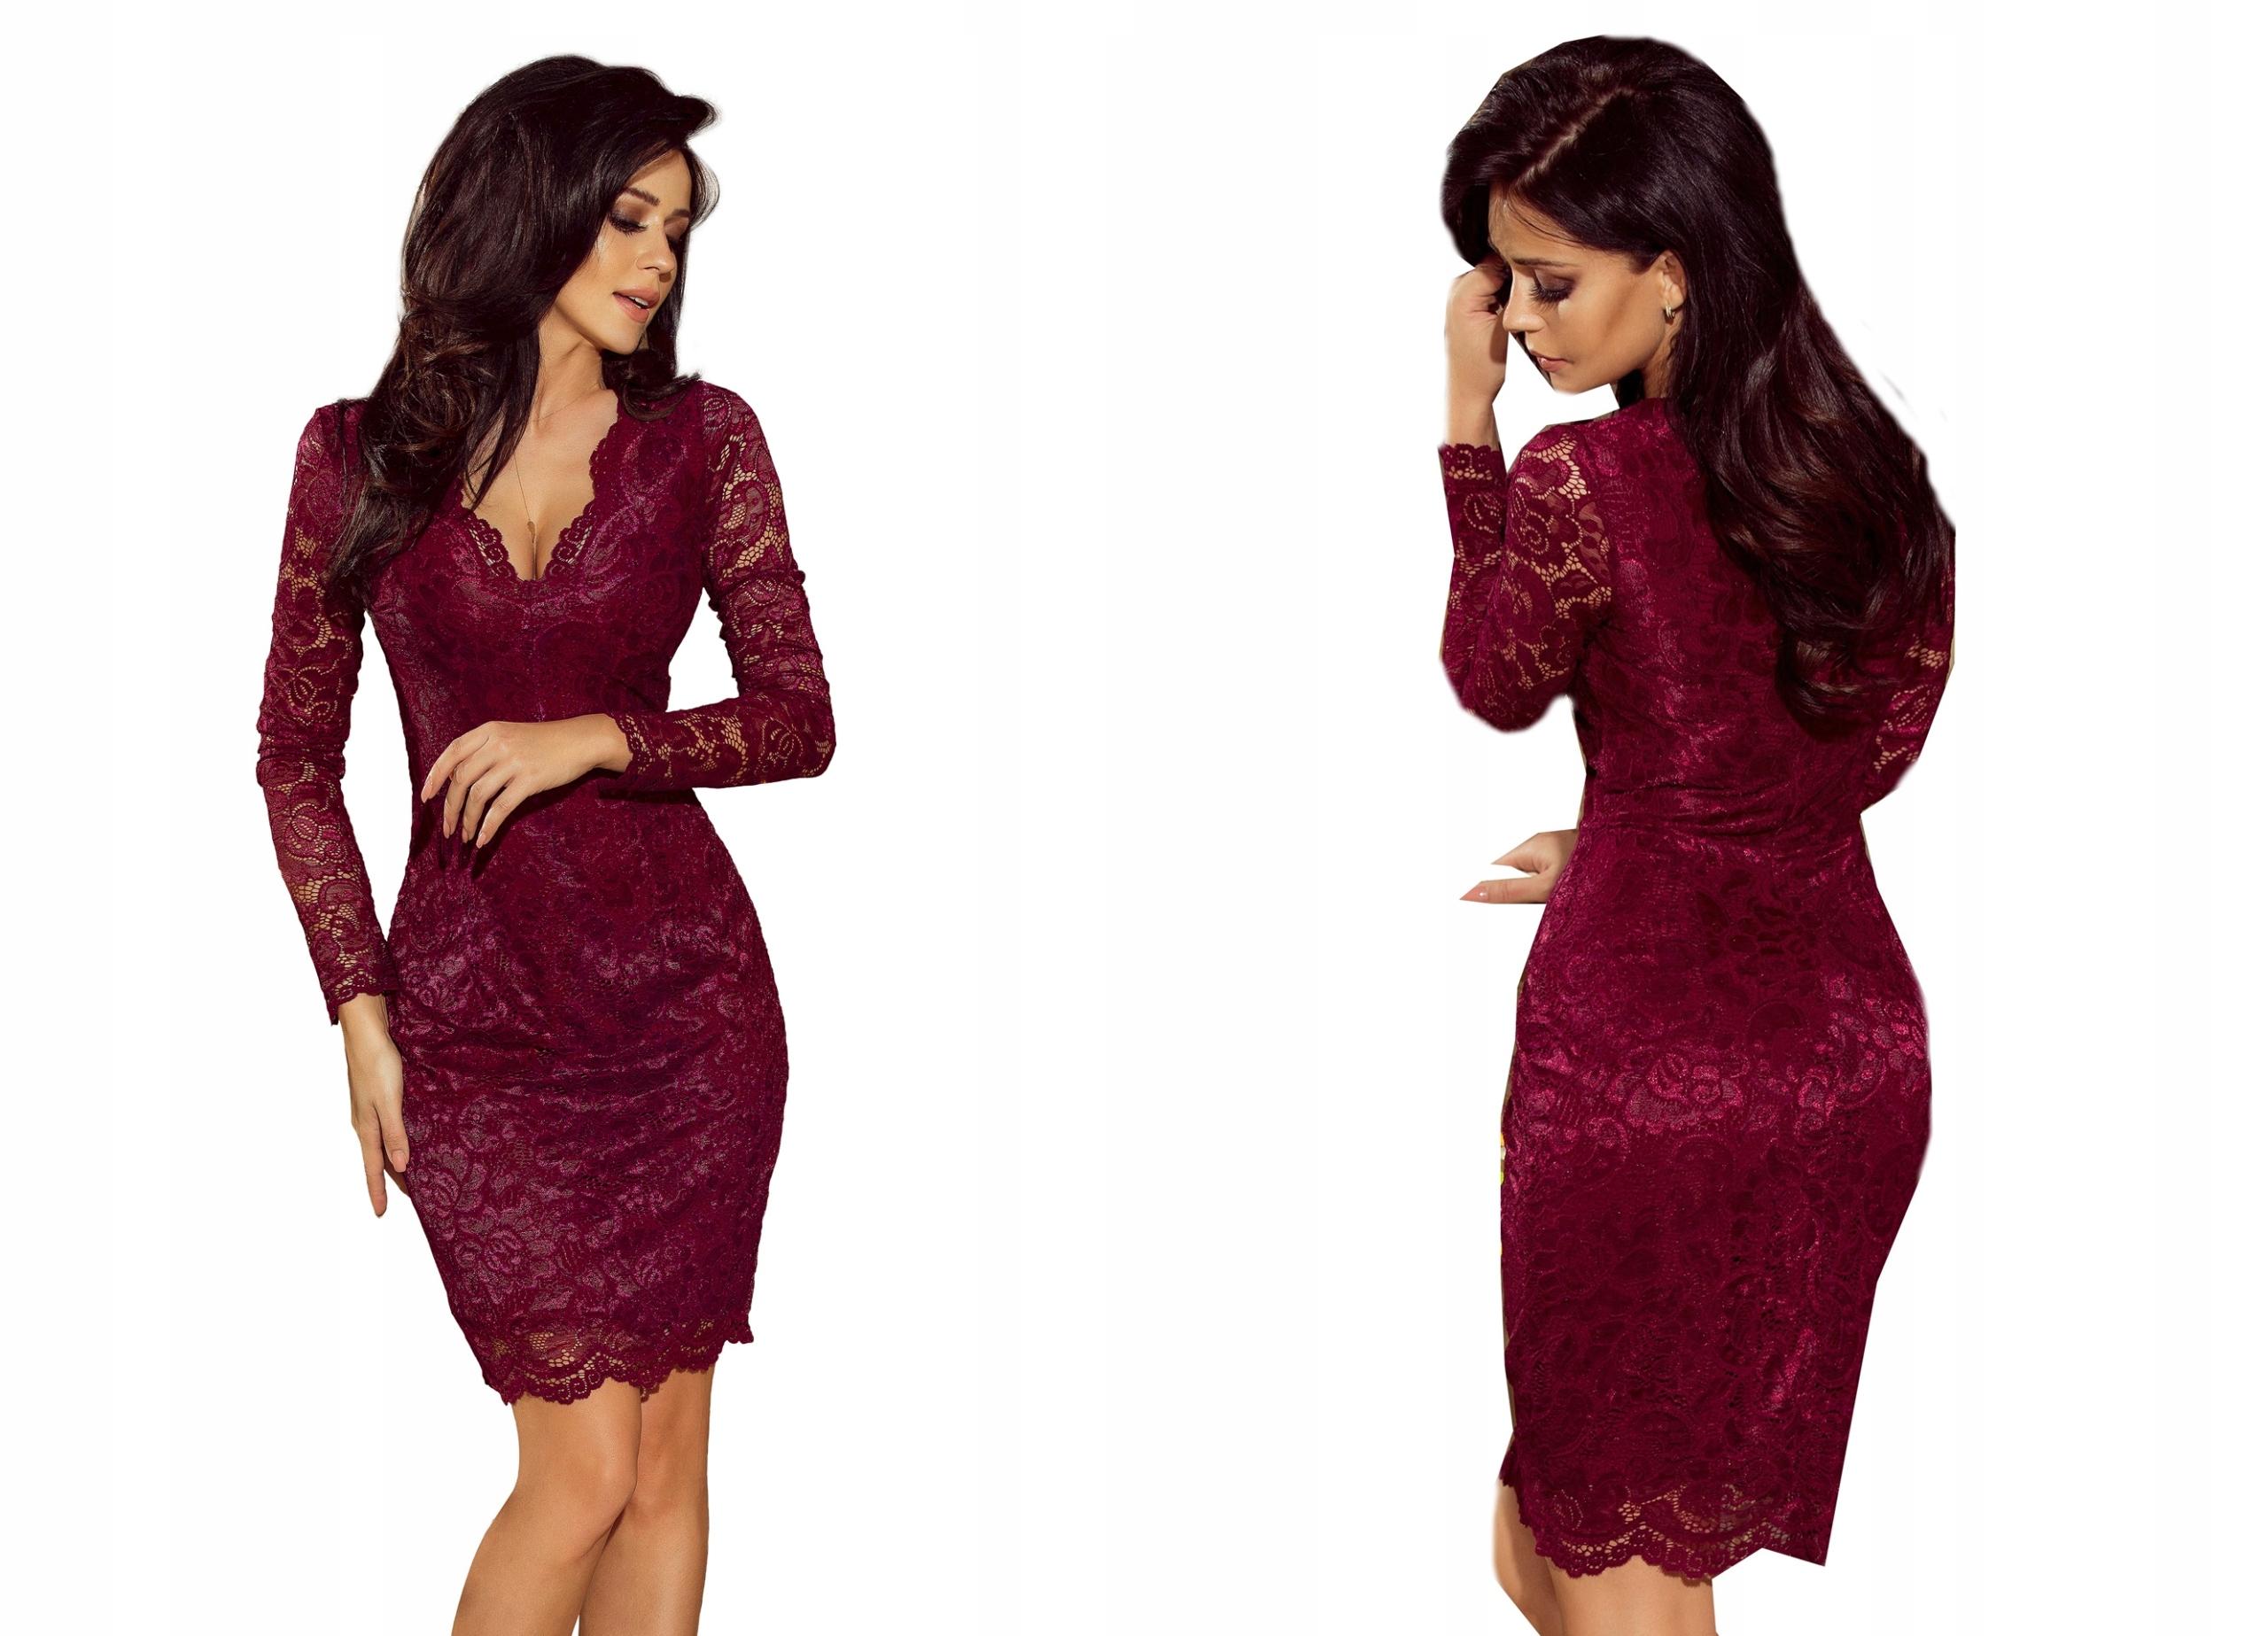 9bee53bdd4 Sukienka KORONKOWA NA IMPREZĘ SYLWESTRA 170-5 S 36 7605560335 - Allegro.pl